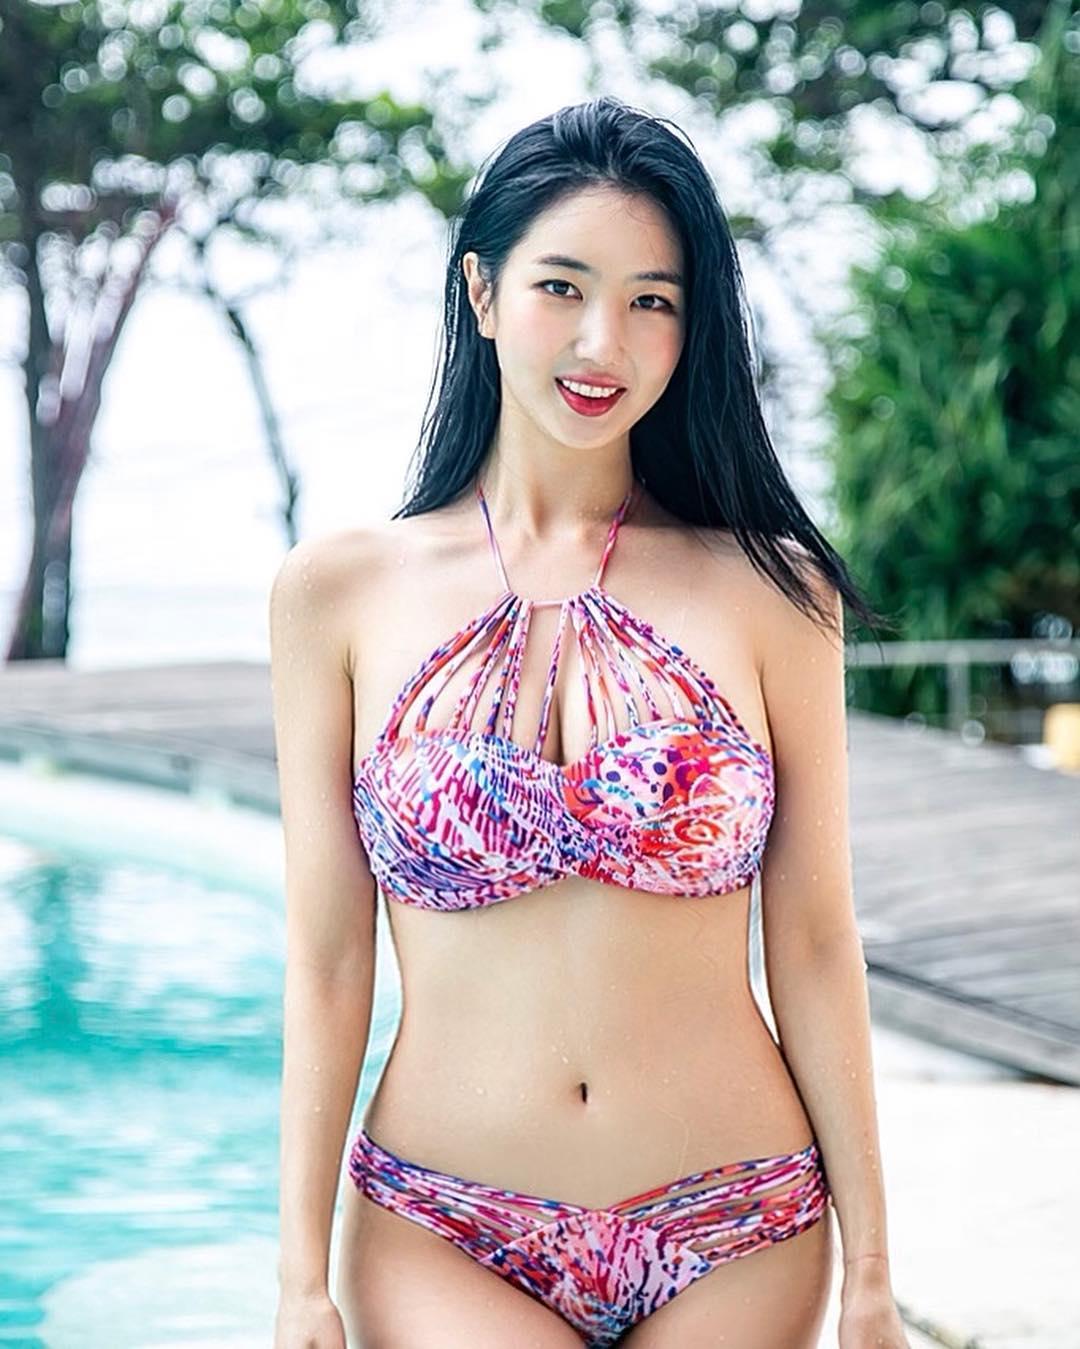 Seolhwa6